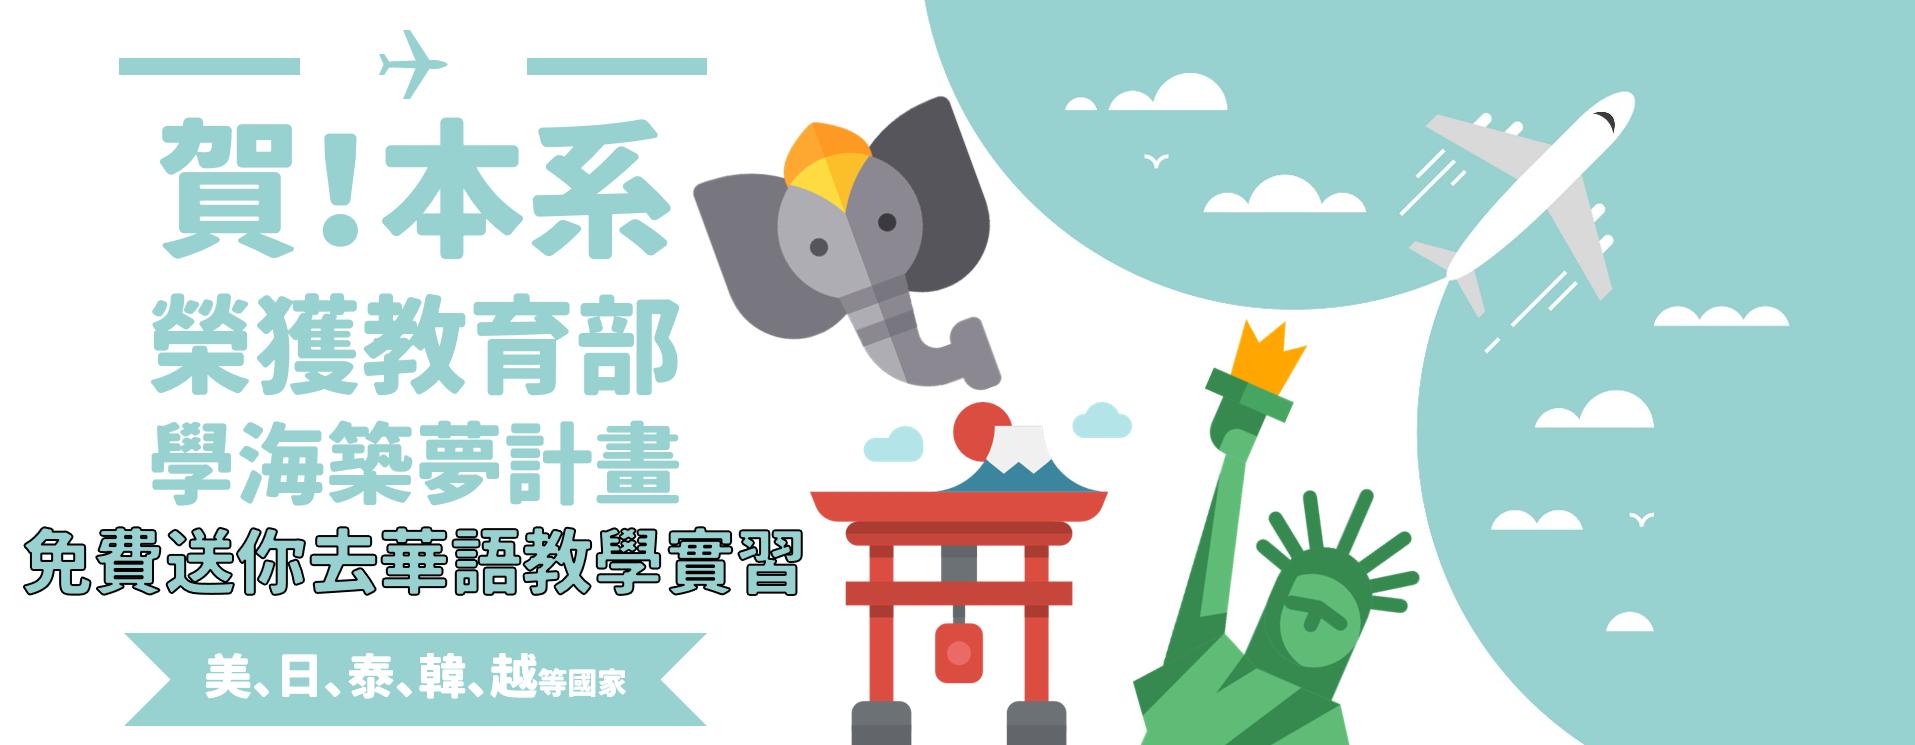 選讀華文 免費帶你出國實習